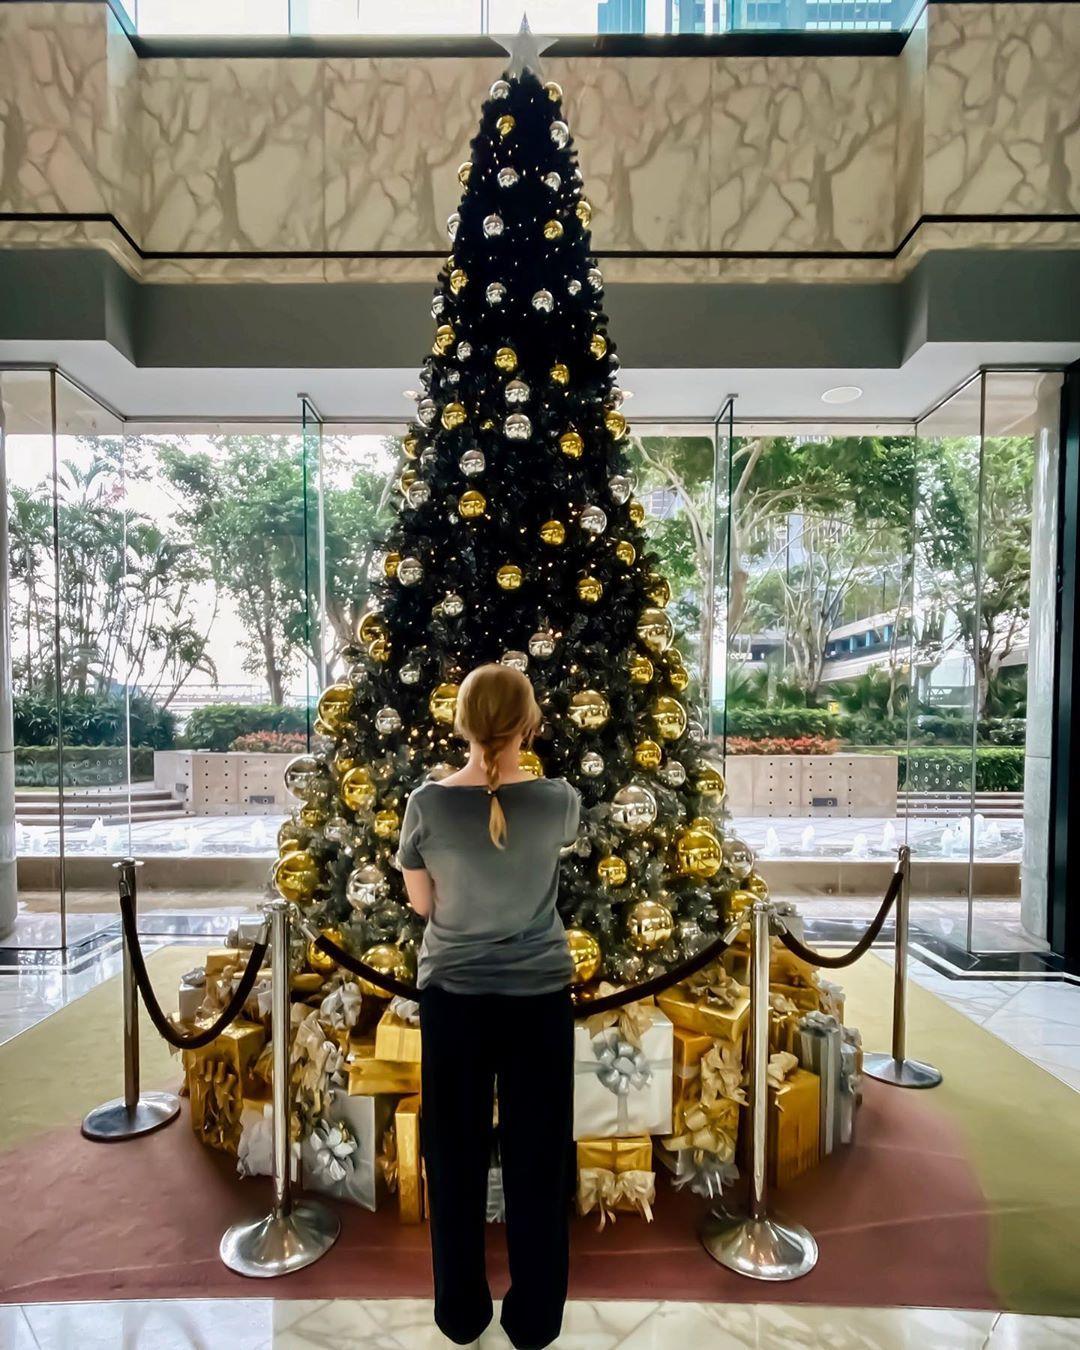 Hong Kong 2019 December In 2020 Beautiful Hotels Christmas Tree Instagram